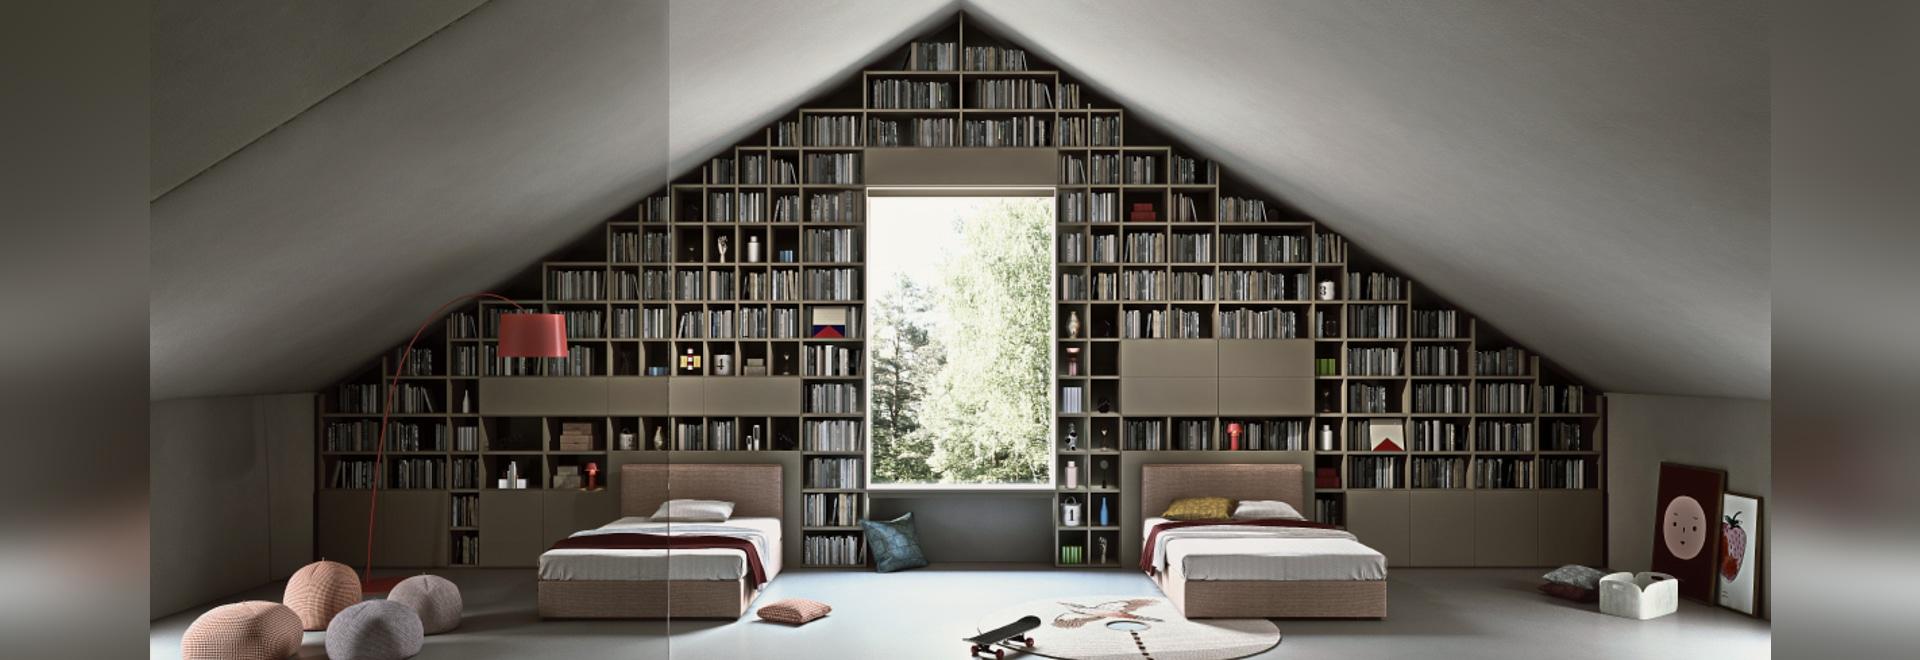 Selecta von Officinadesign Lema - Standardmäßig kundenspezifisch - Dachboden